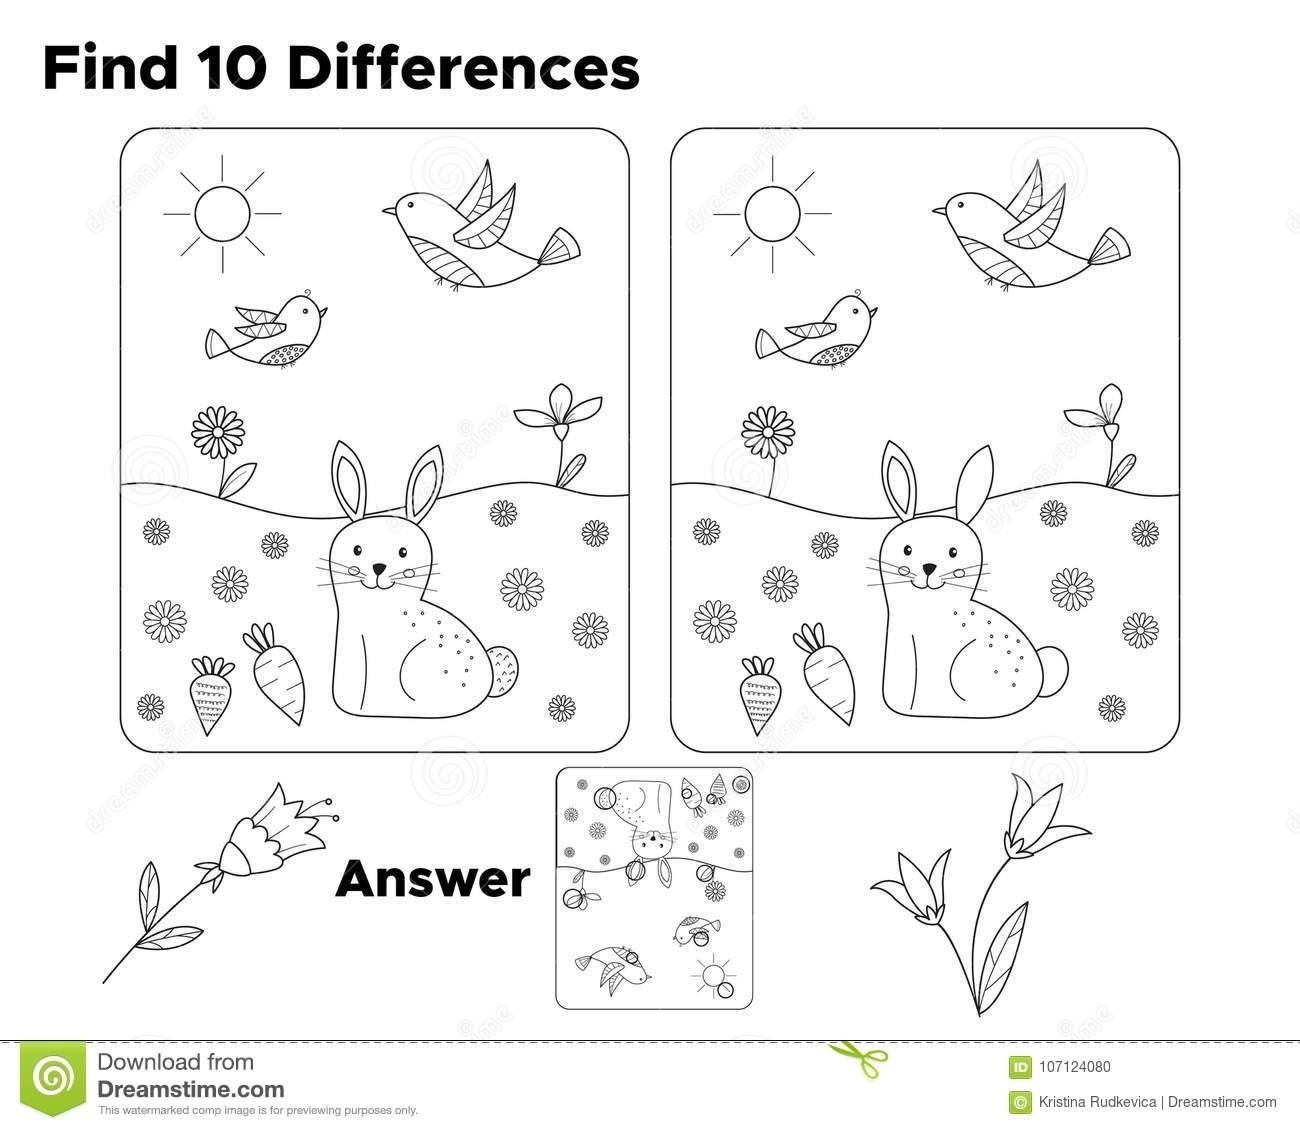 Finden Sie Zehn Unterschiede, Aufgabe Für Vorschulkinder bestimmt für Unterschiede Finden Kostenlos